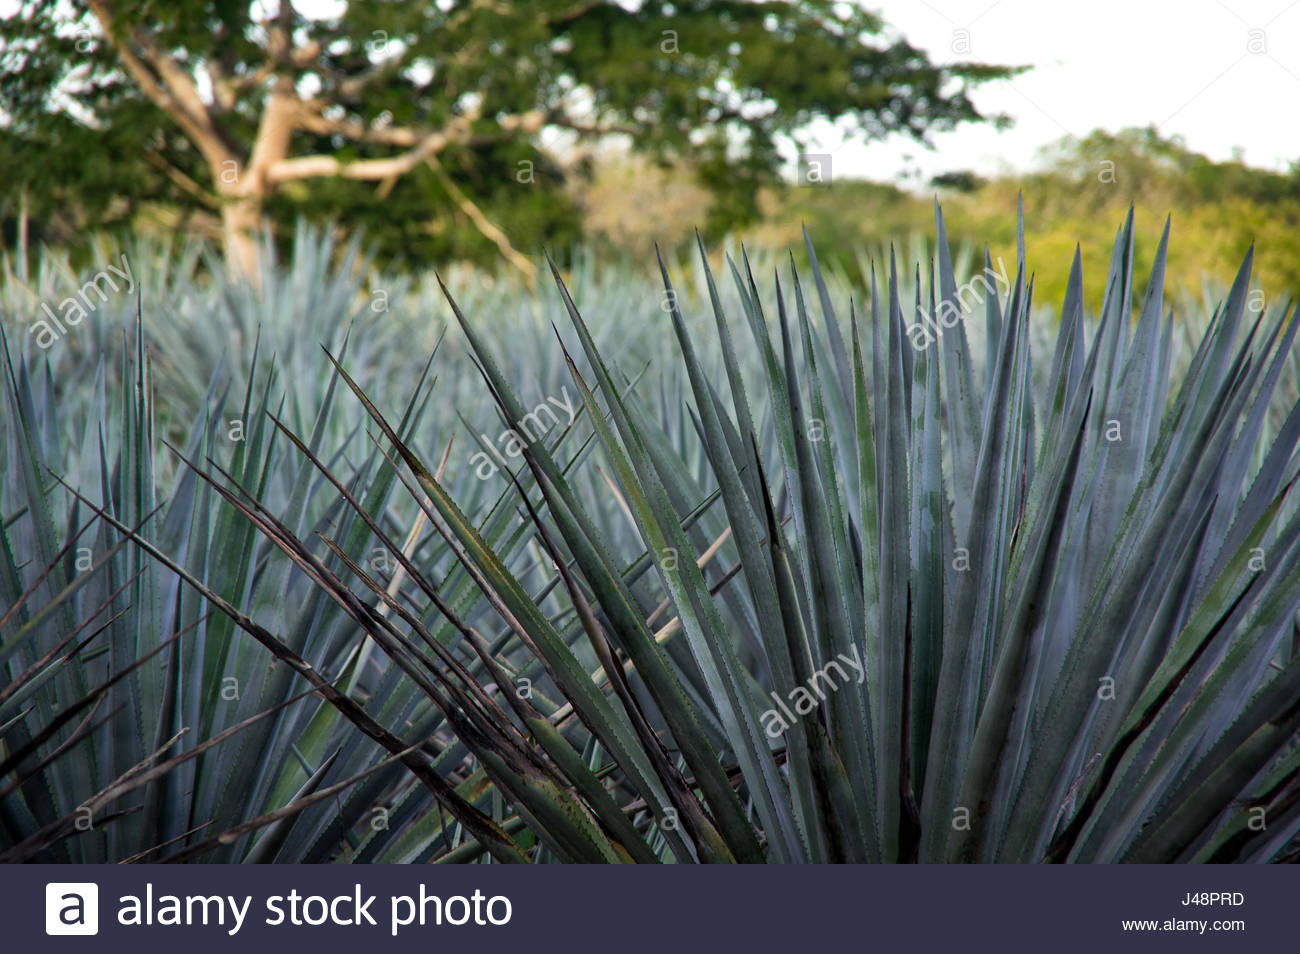 Agave du mexique finest agave bleuagave azul plantes du mayapan valladolid mexique photo stock - Agave du mexique ...